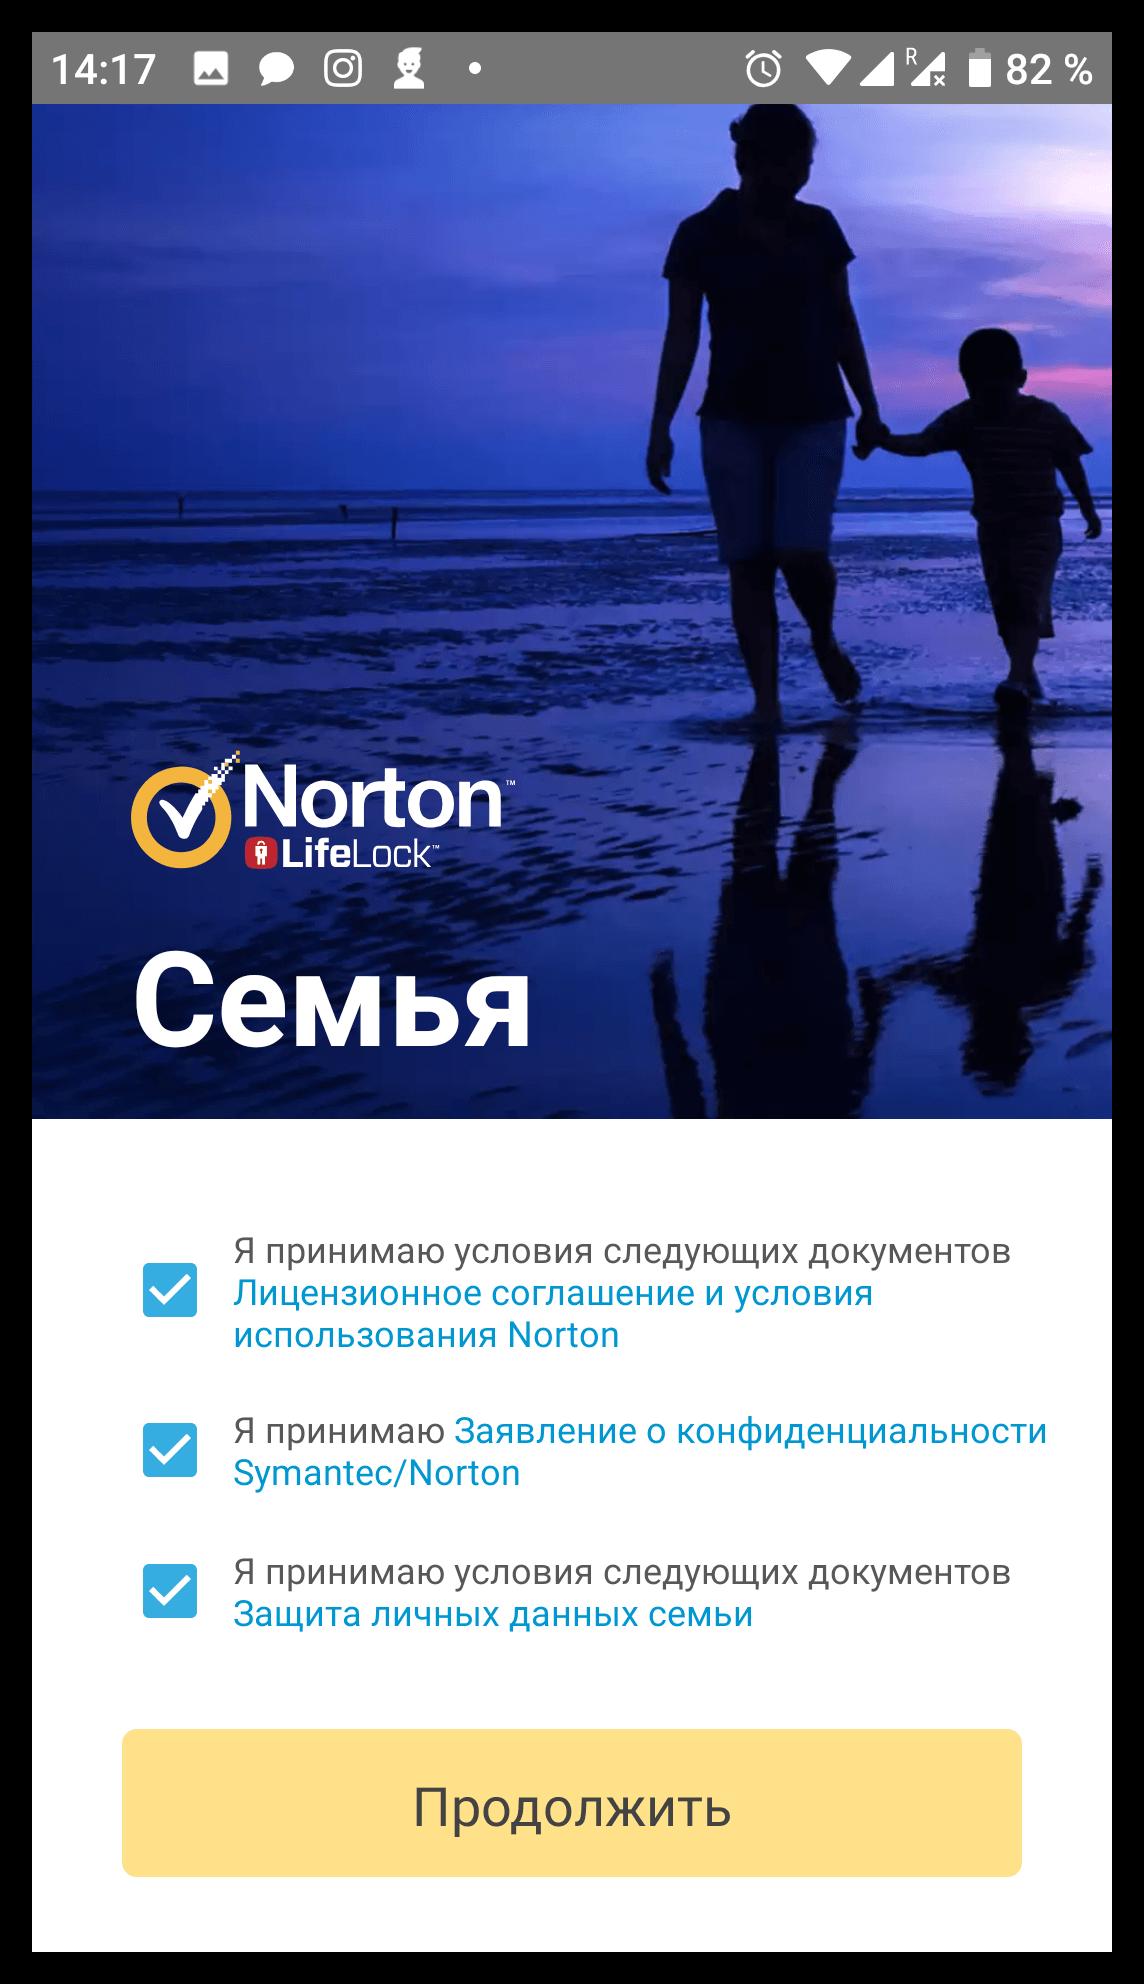 Соглашение Norton